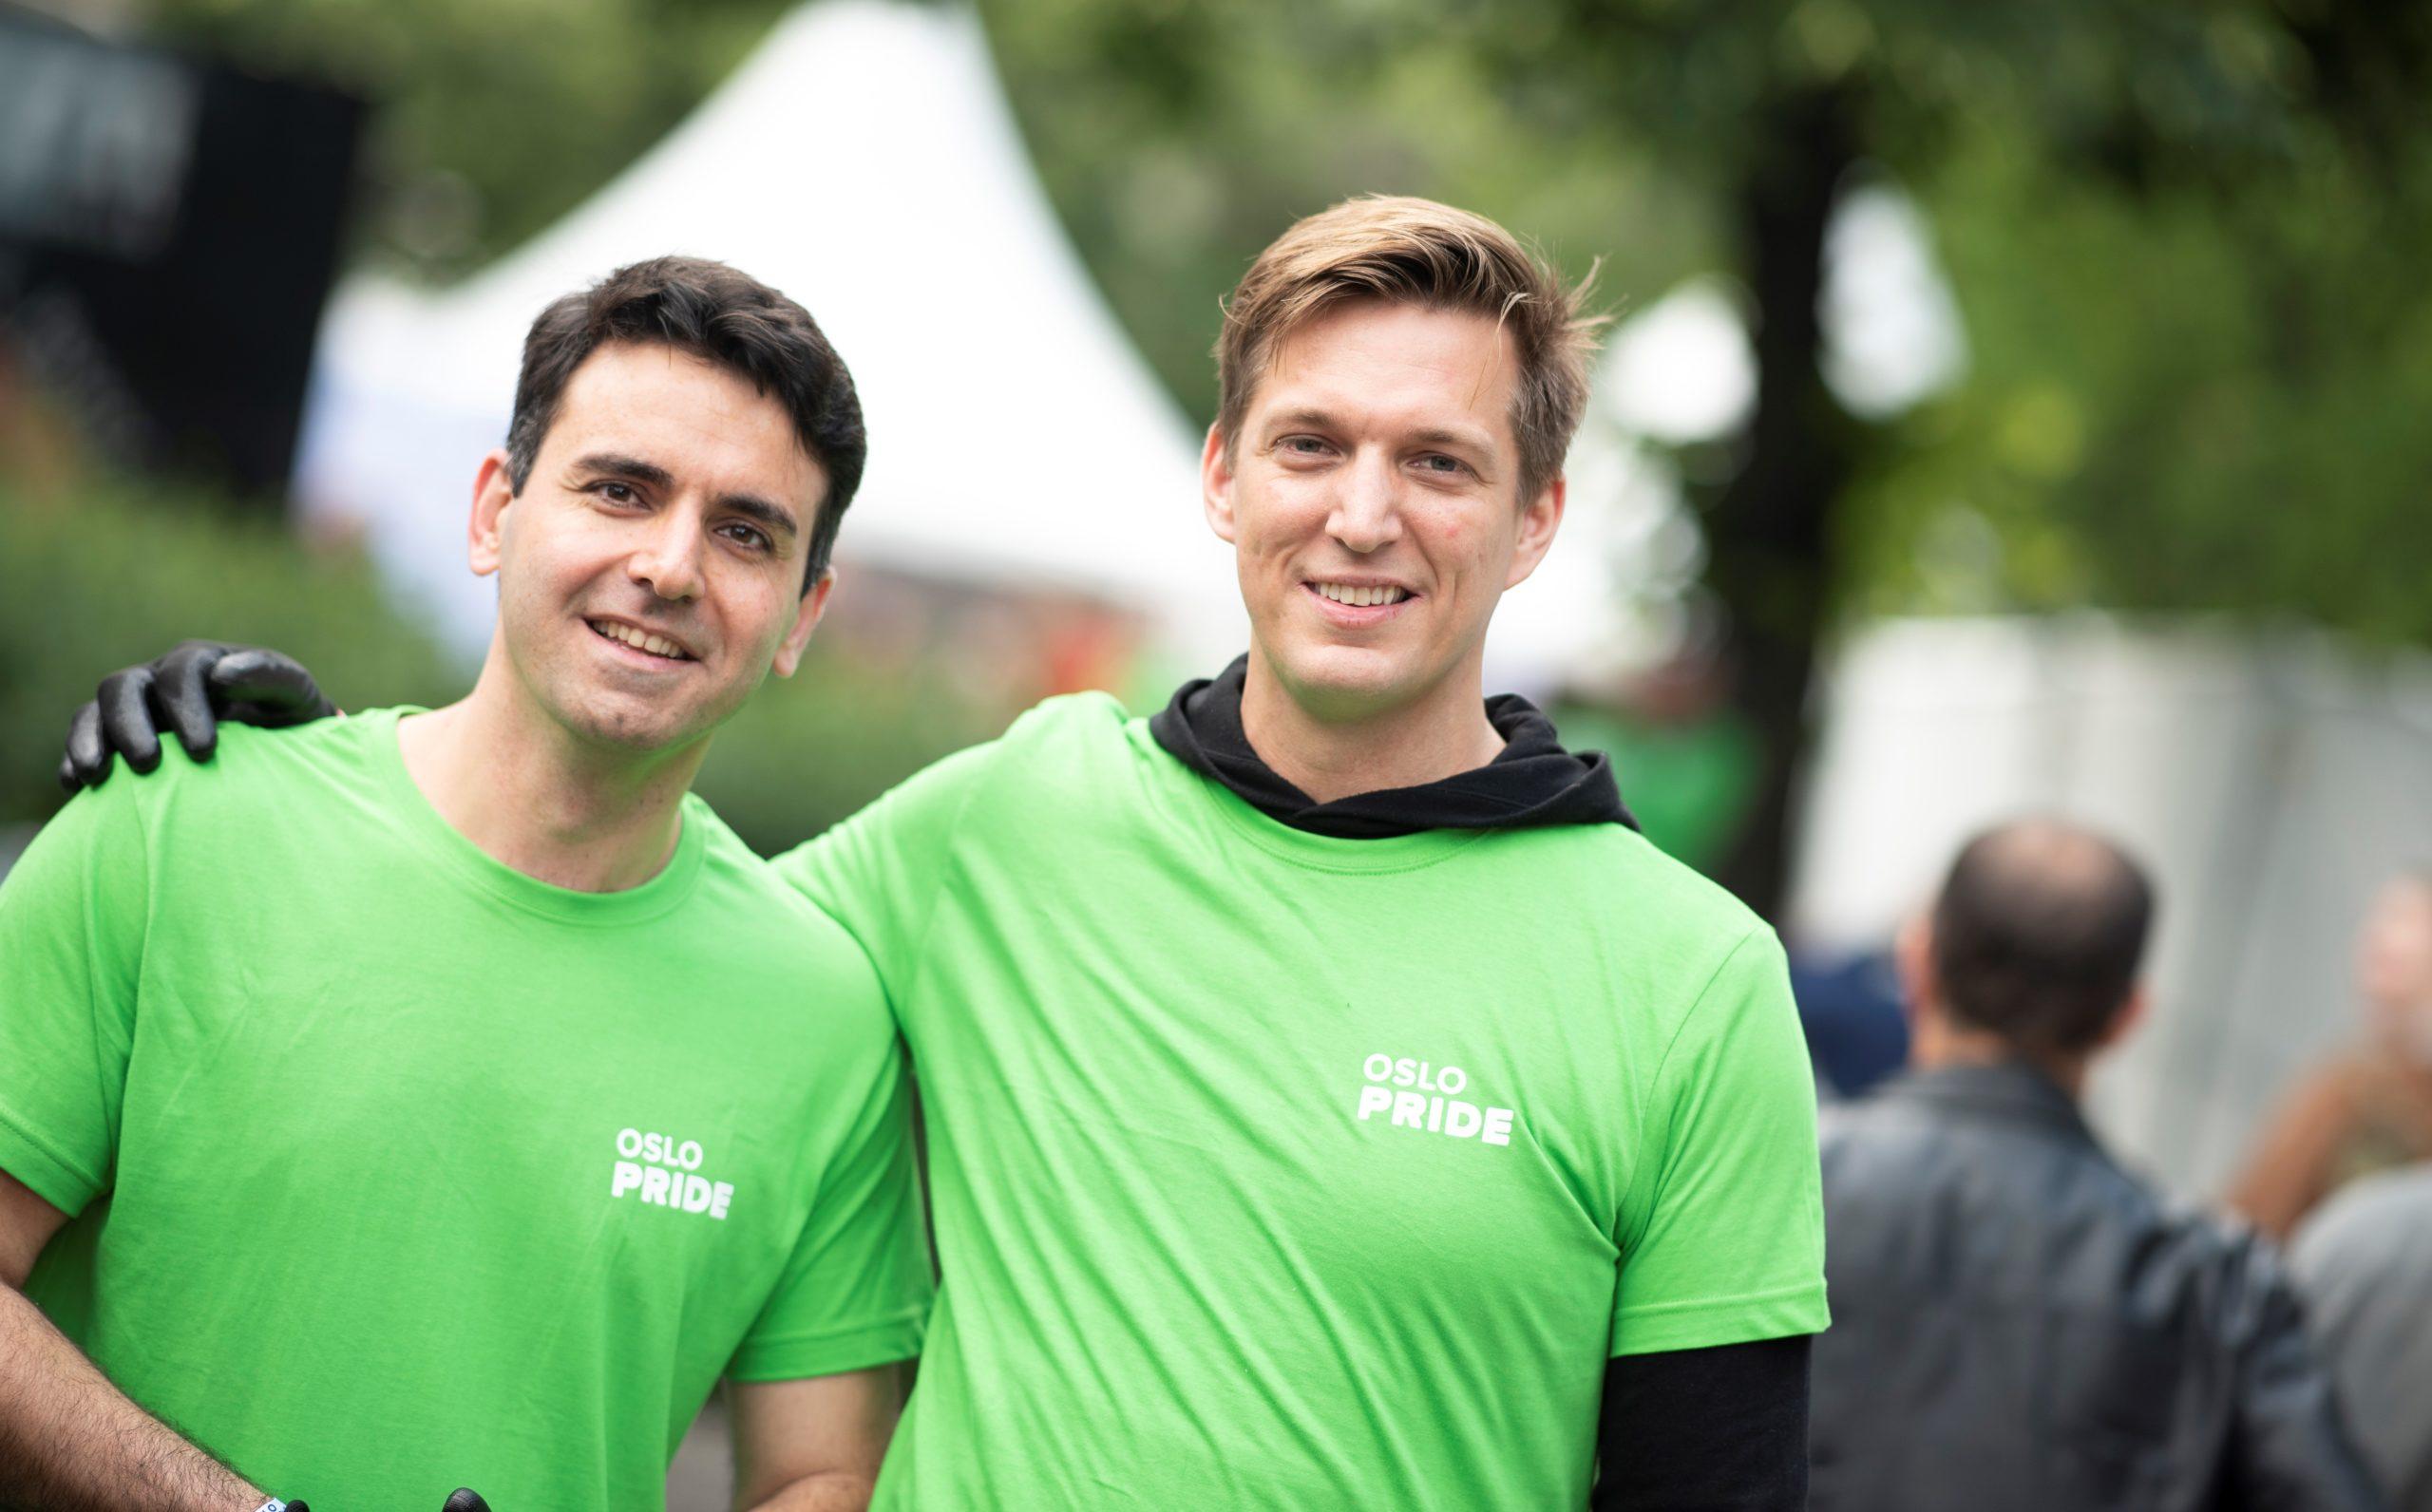 To hvite menn smiler til kamera. De har på seg grønne t-skjorter der det står Oslo Pride med hvit skrift. Den ene holder en arm rundt skulderen til den andre. Begge har sorte arbeidshansker på. De står foran noen hvite telt og sommergrønne trær, som vi skjønner er festivalområdet.